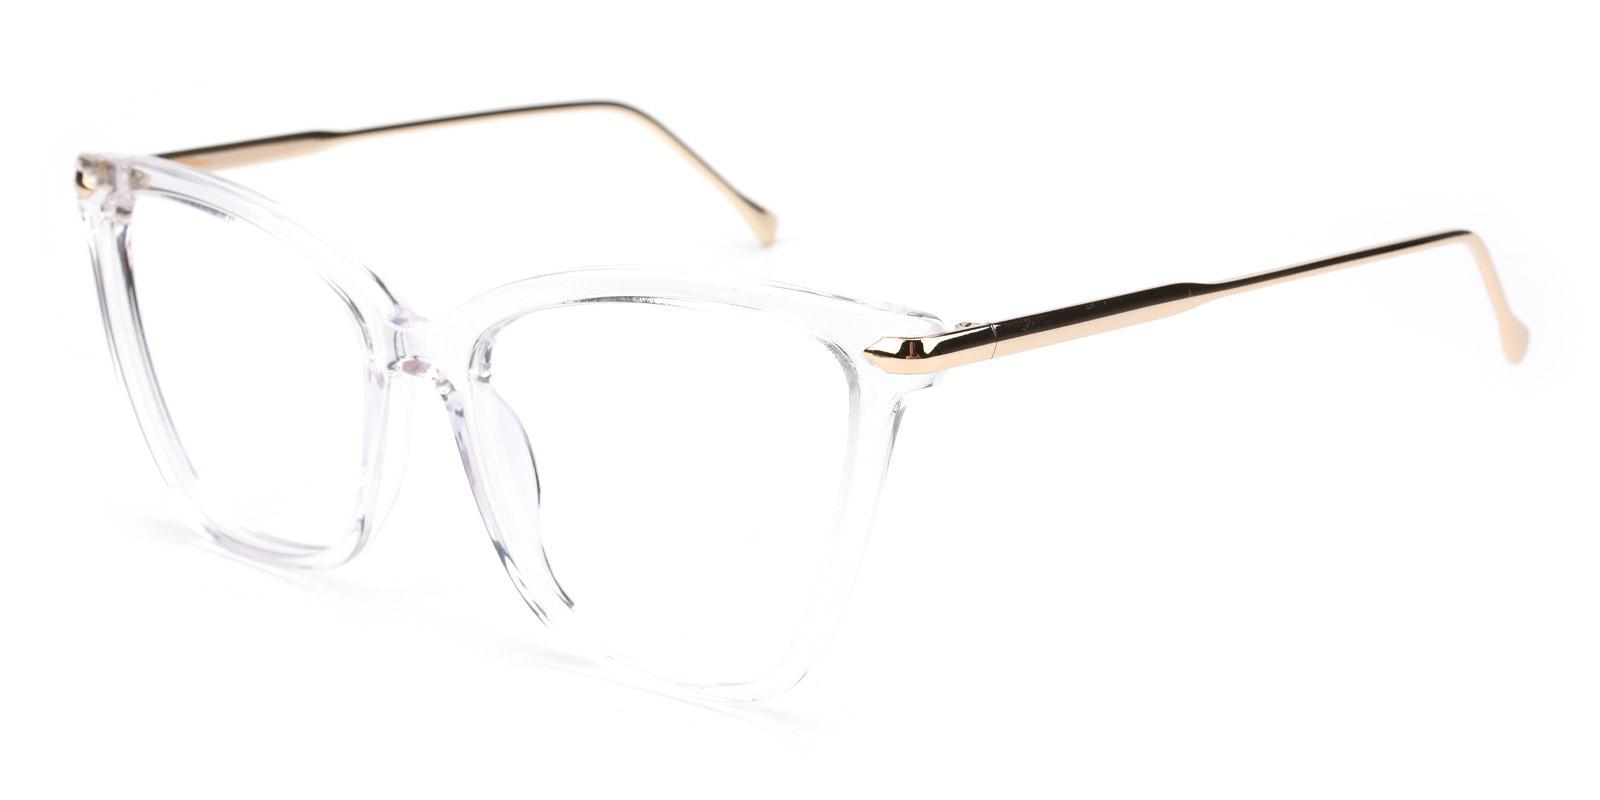 Queenie-Translucent-Cat-Combination-Eyeglasses-detail